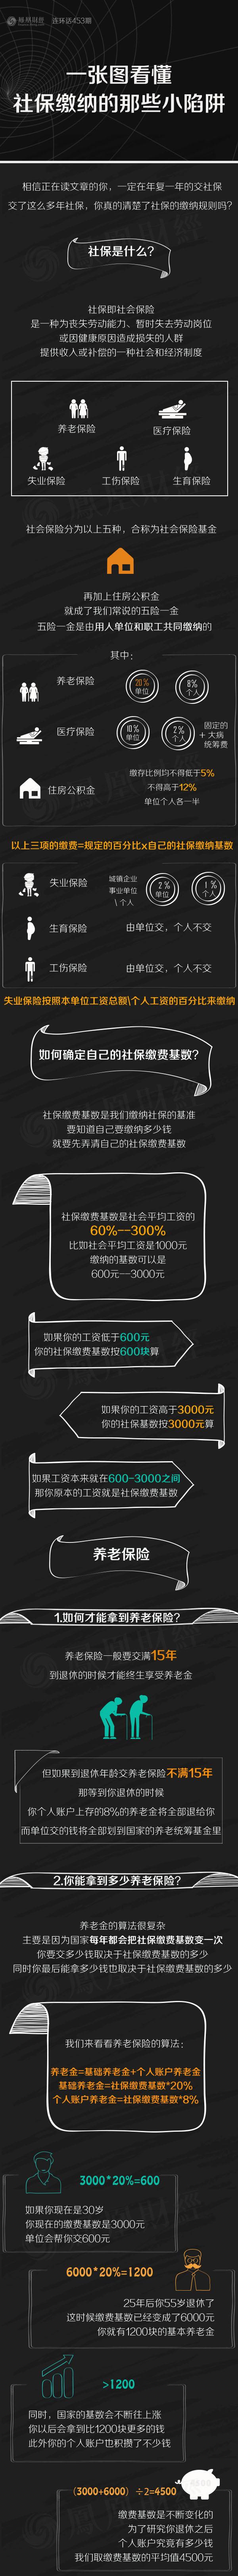 澳门百导全讯网